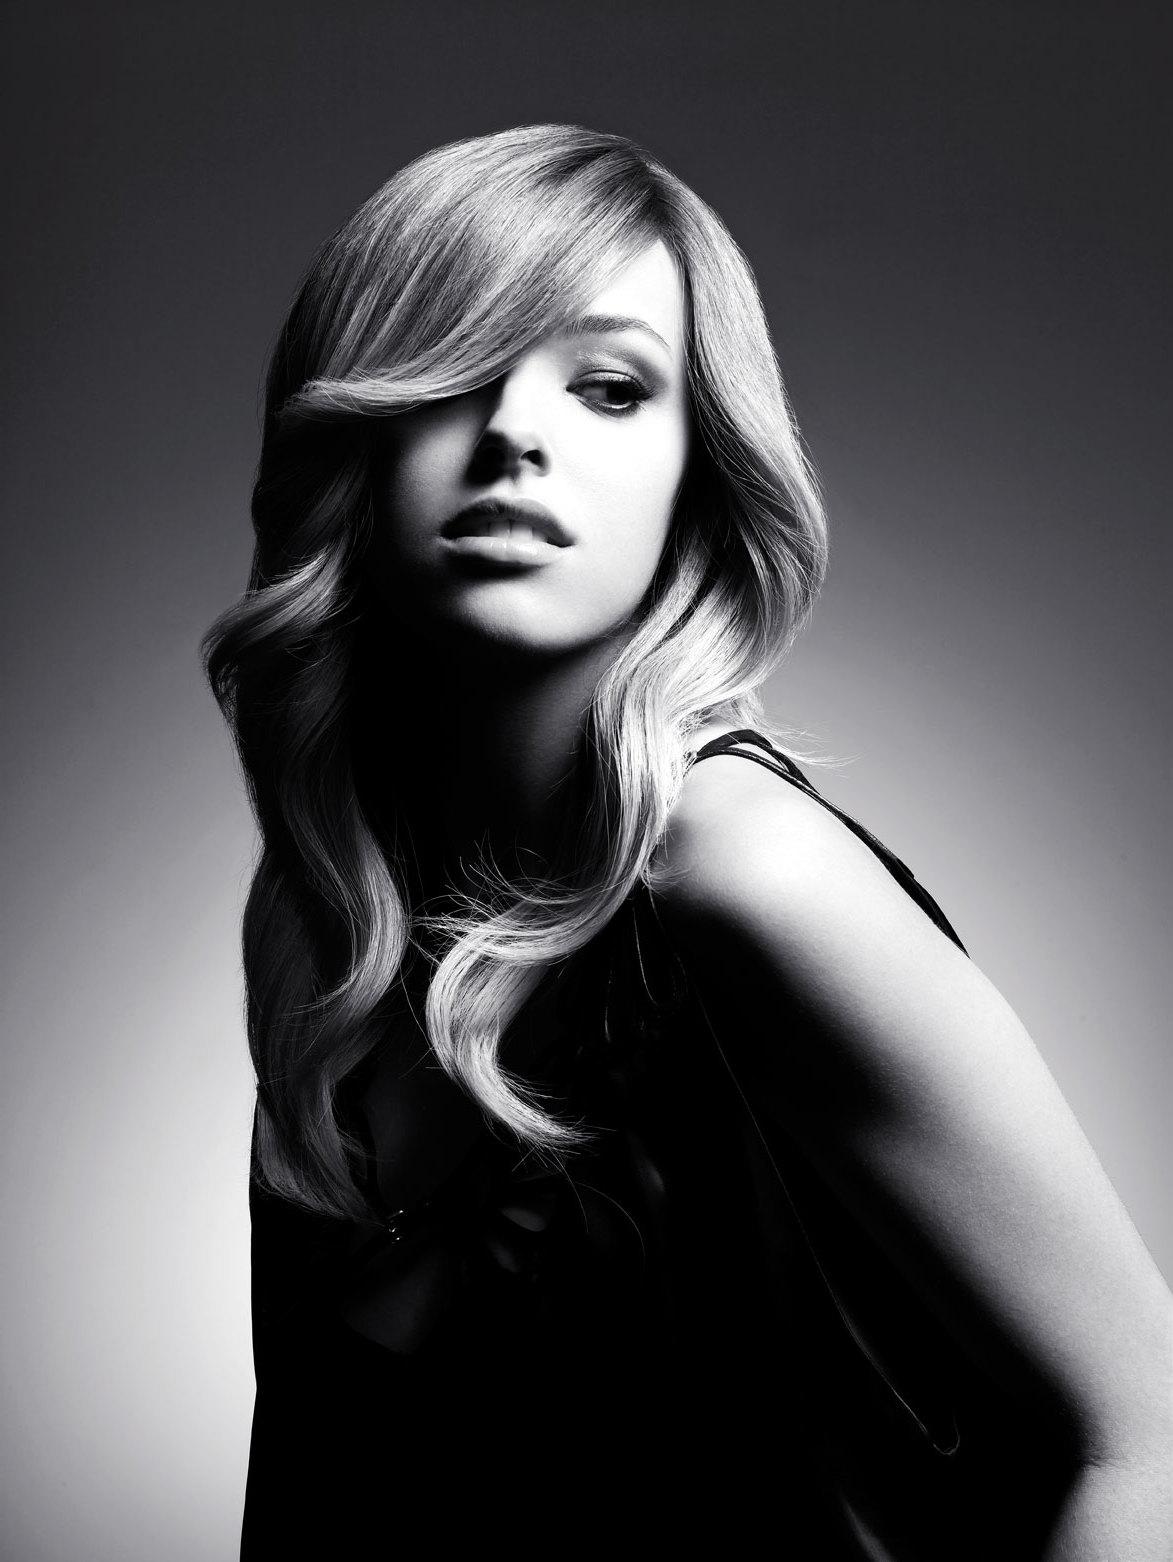 So stylen Sie Ihre Haare damit sie voller aussehen